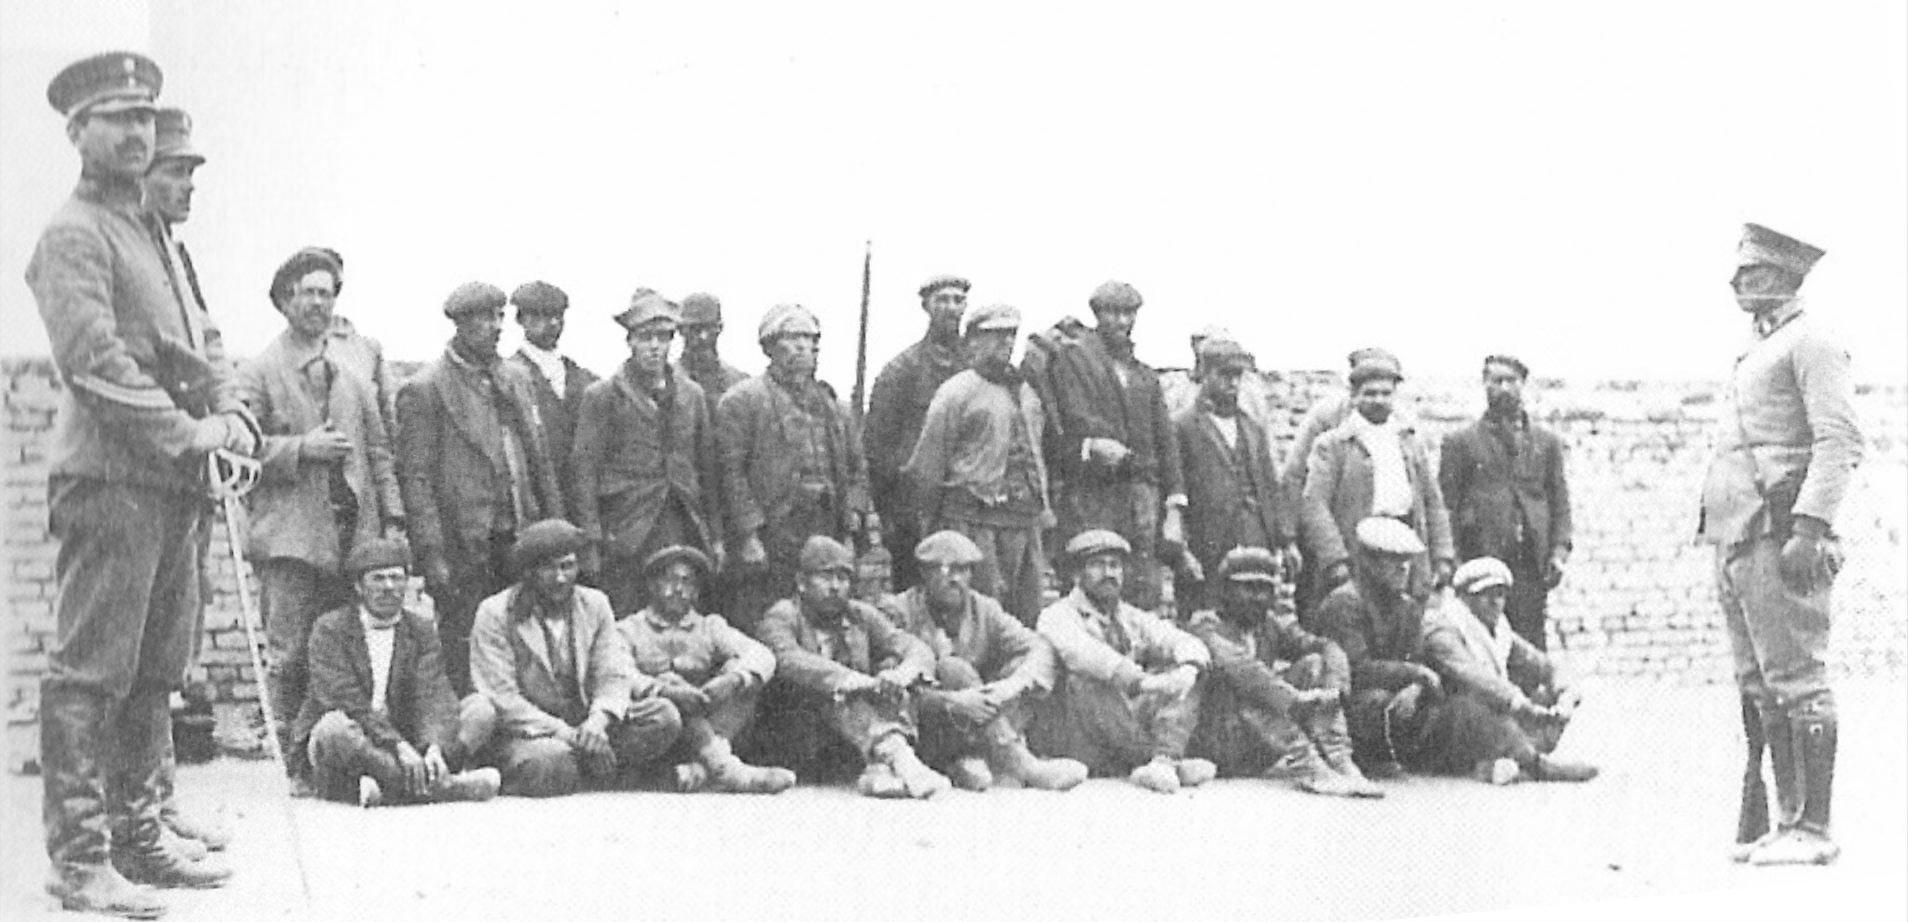 Les soldats de la  Patagonie rebelle